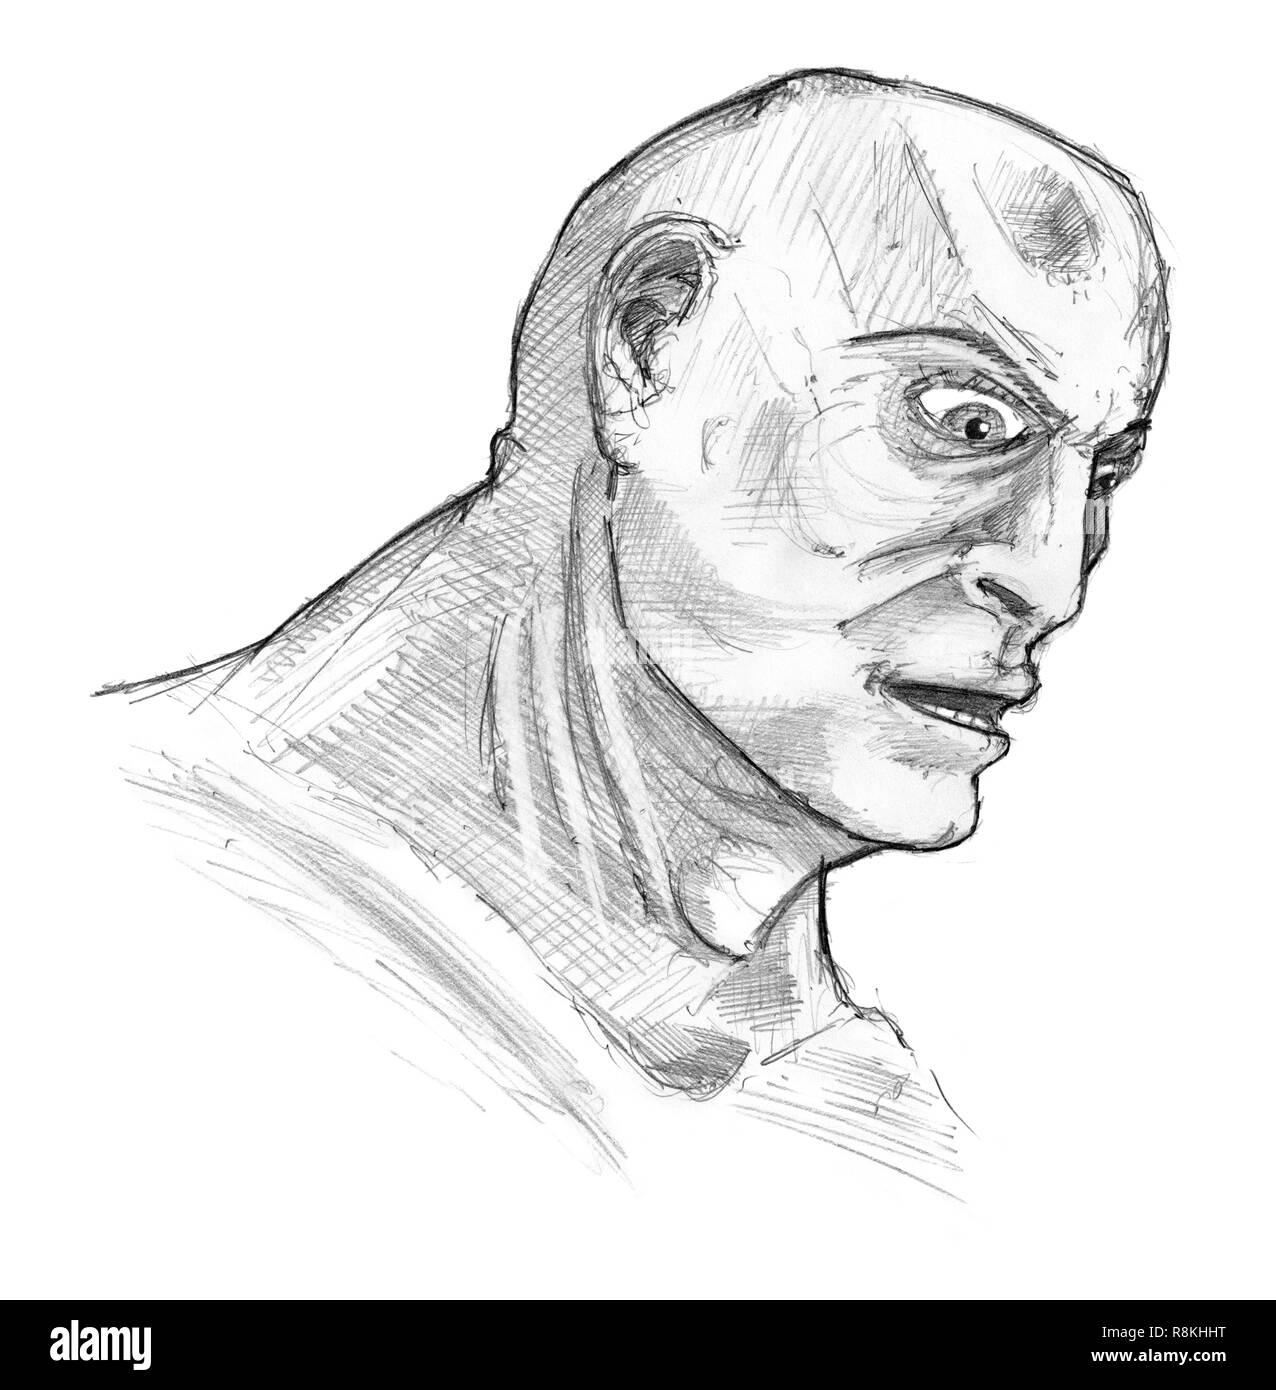 Art drawing face man sketch stock photos art drawing face